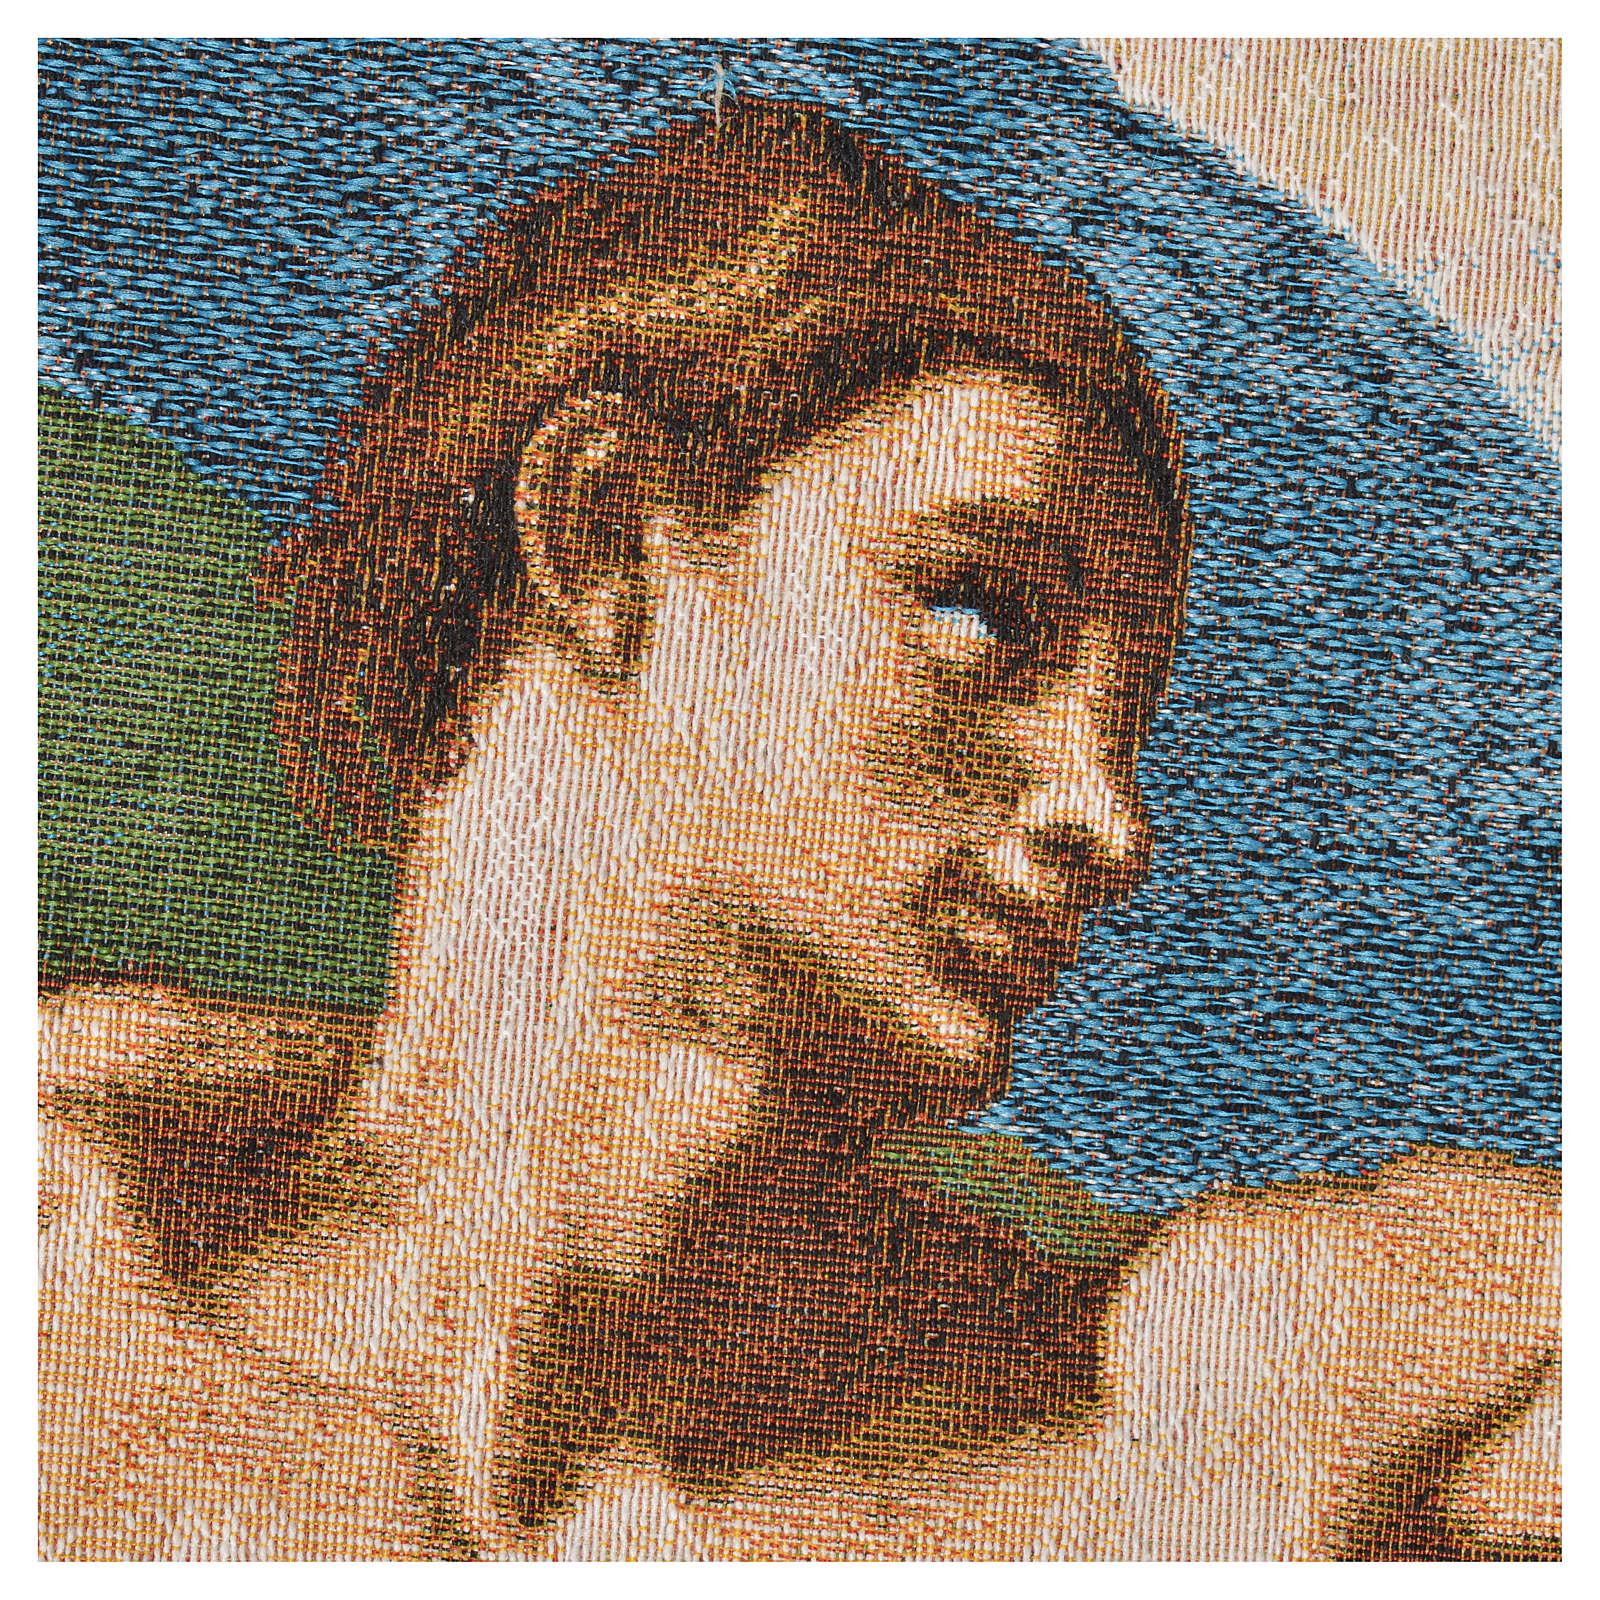 Wandteppich Erschaffung Adams 72x130 cm 3